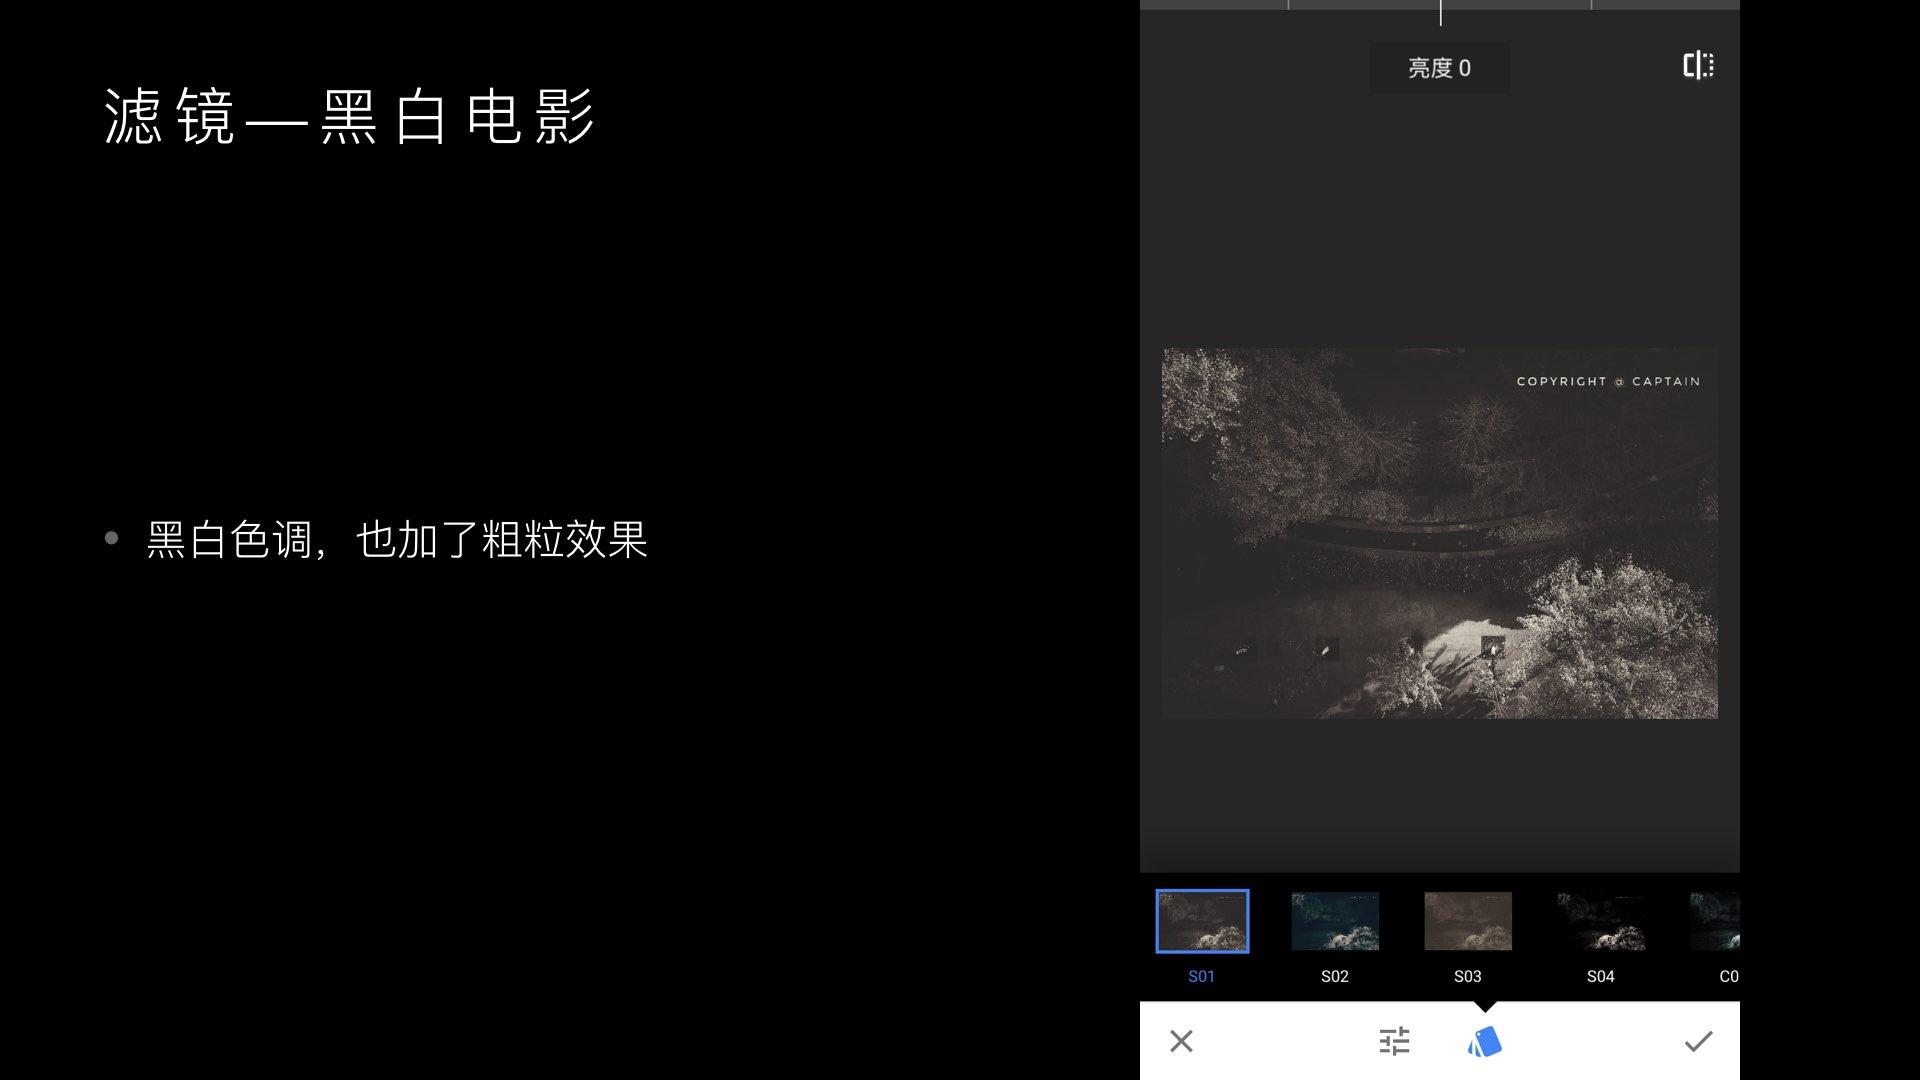 化腐朽为神奇,Snapseed图片编辑教程.031.jpeg